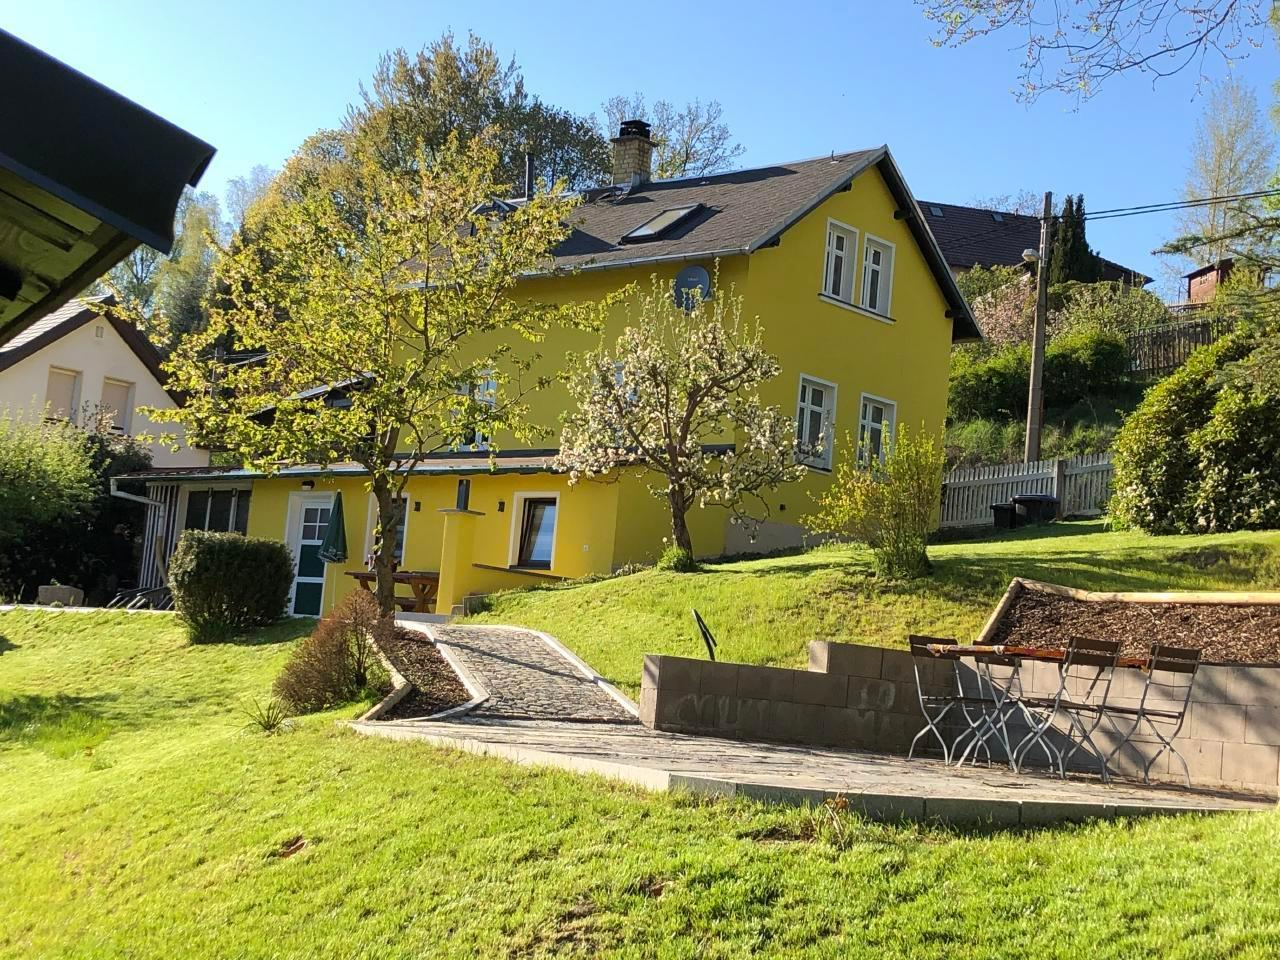 Ferienhaus Sandy m. Sauna  in Sachsen